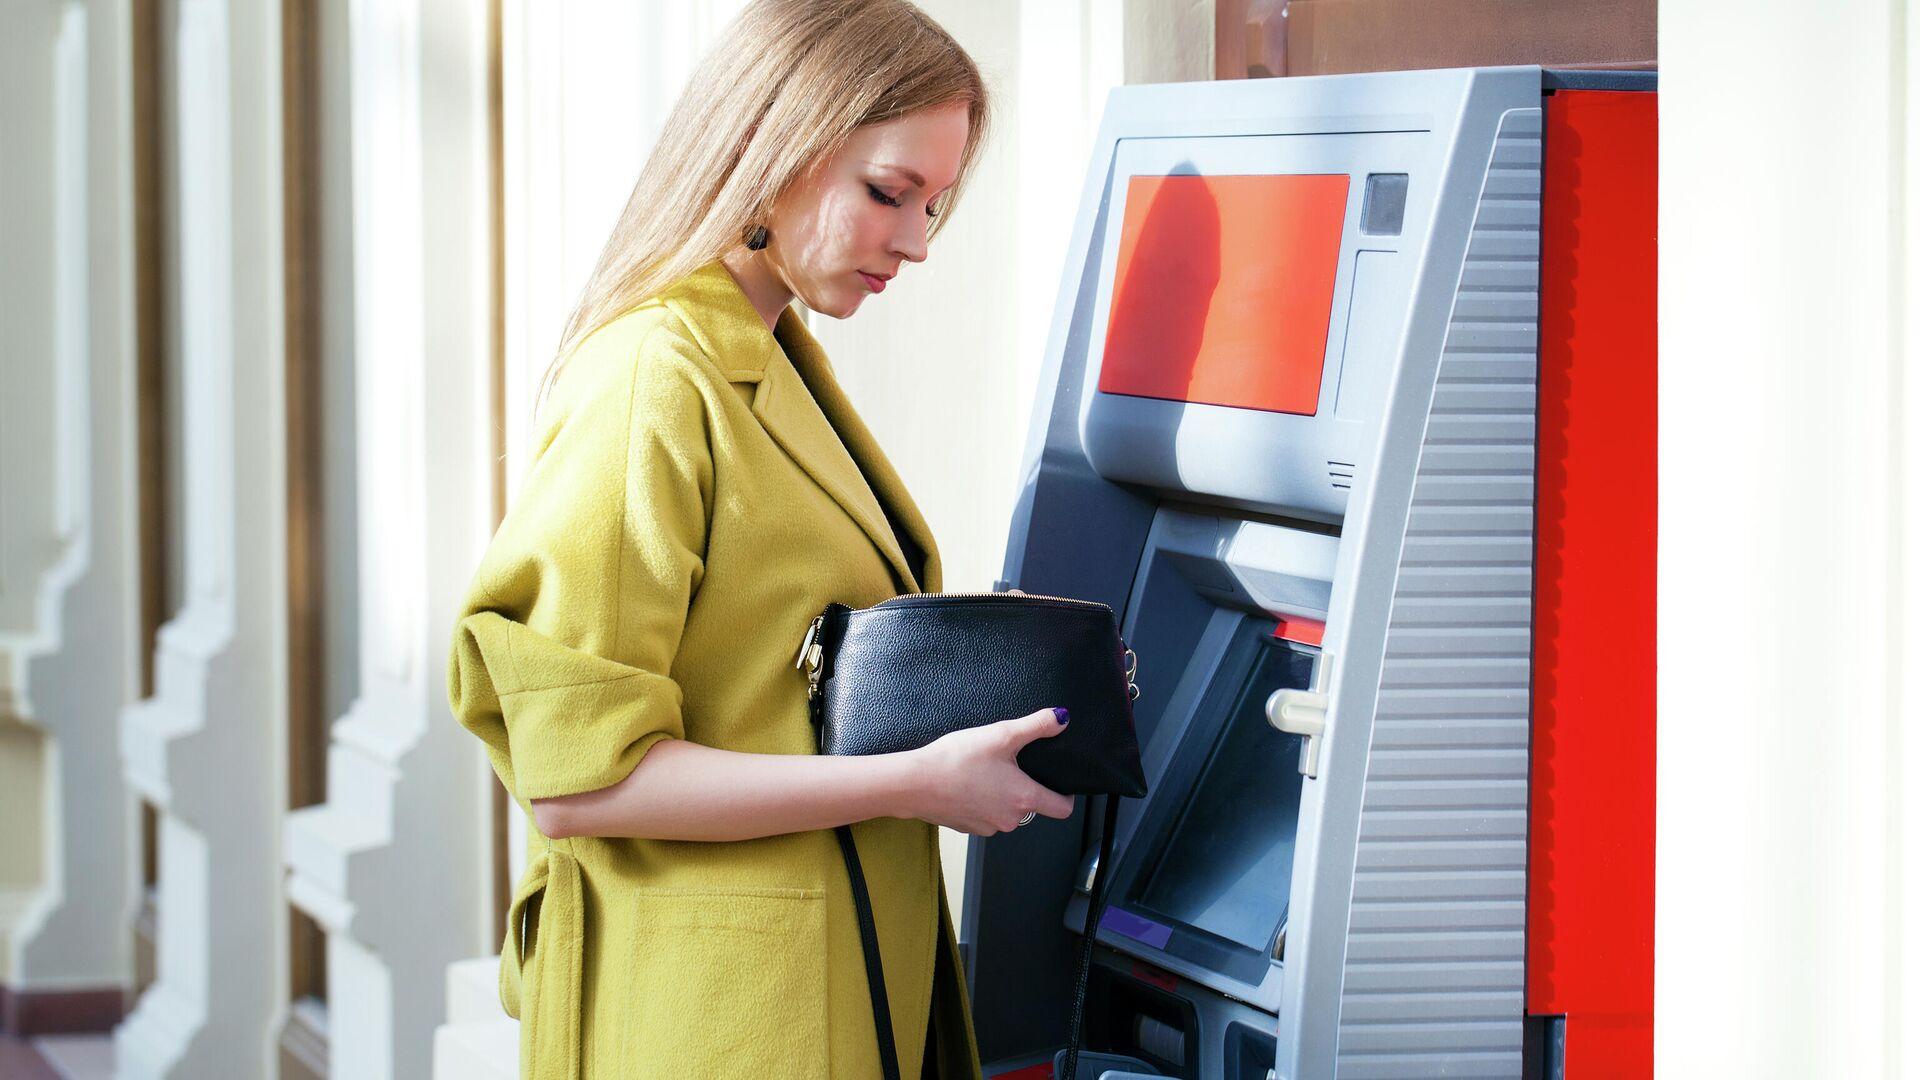 Девушка снимает деньги в банкомате - РИА Новости, 1920, 02.03.2021